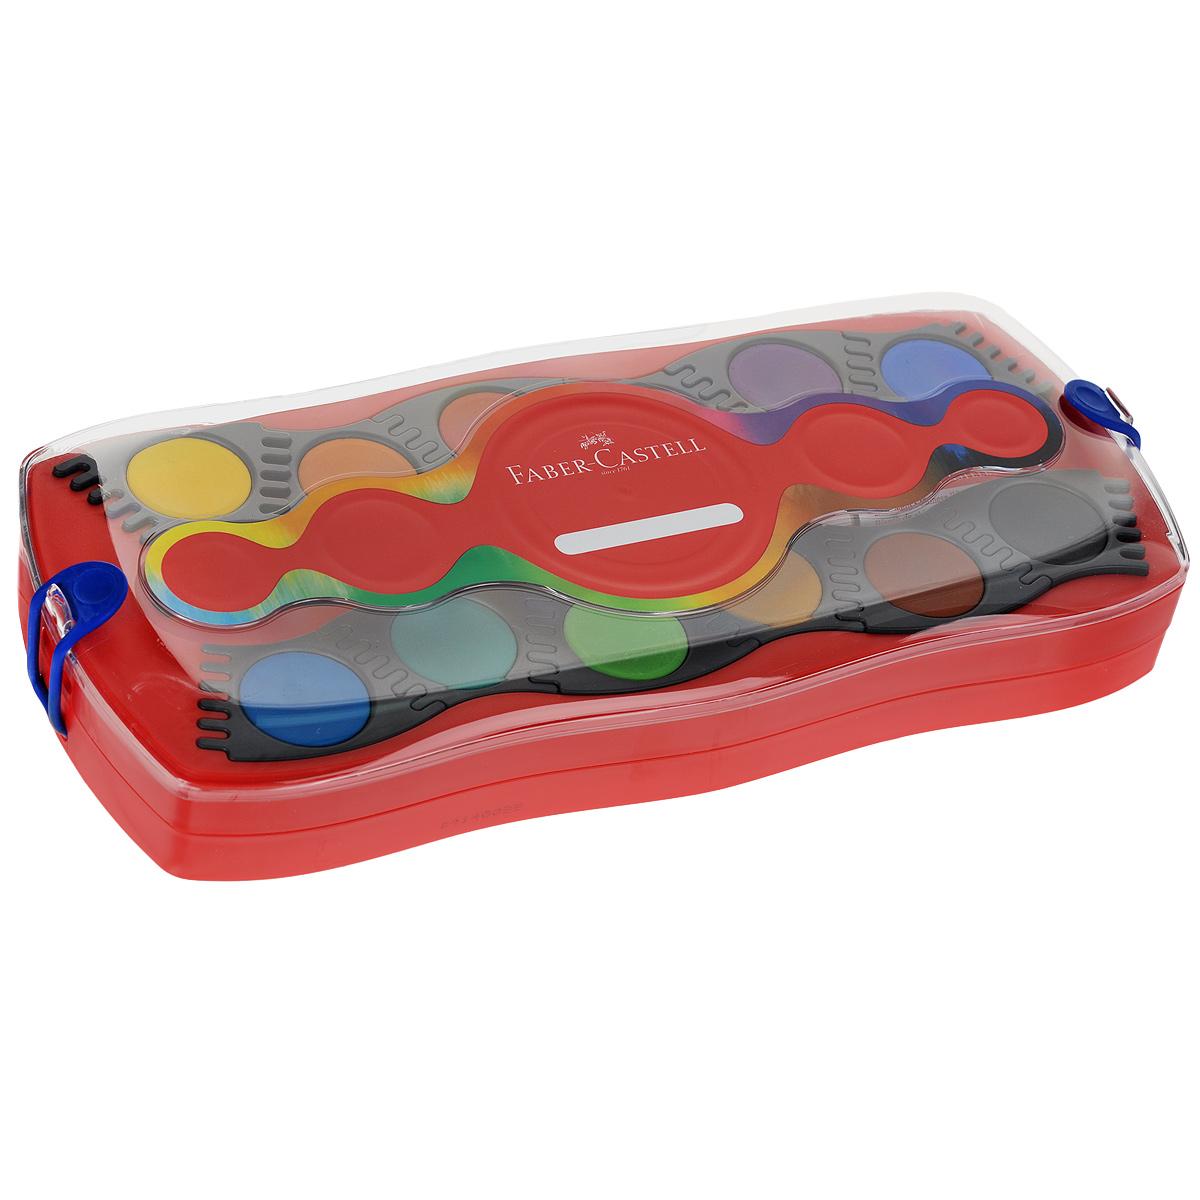 Акварельные краски Faber-Castell Connector, 24 шт125029Акварельные краски Faber-Castell Connector идеально подойдут как для детского художественного творчества, так и для изобразительных и оформительских работ. Краски легко размываются, создавая прозрачный цветной слой, отлично смешиваются между собой, не крошатся и не смазываются, быстро сохнут. В наборе 24 краски ярких, насыщенных цветов, а также тюбик с белой краской и кисть. Каждый цвет представлен в основе круглой формы, располагающейся в отдельной ячейке, которую можно перемещать либо комбинировать с нужными красками, что делает процесс рисования легким и удобным. Коробка представляет собой два поддона для ячеек с красками с отсеками для кисти и белой краски, а крышка - палитру.Отличный подарок для любителя рисовать акварелью! Рекомендуемый возраст: от 8 лет.